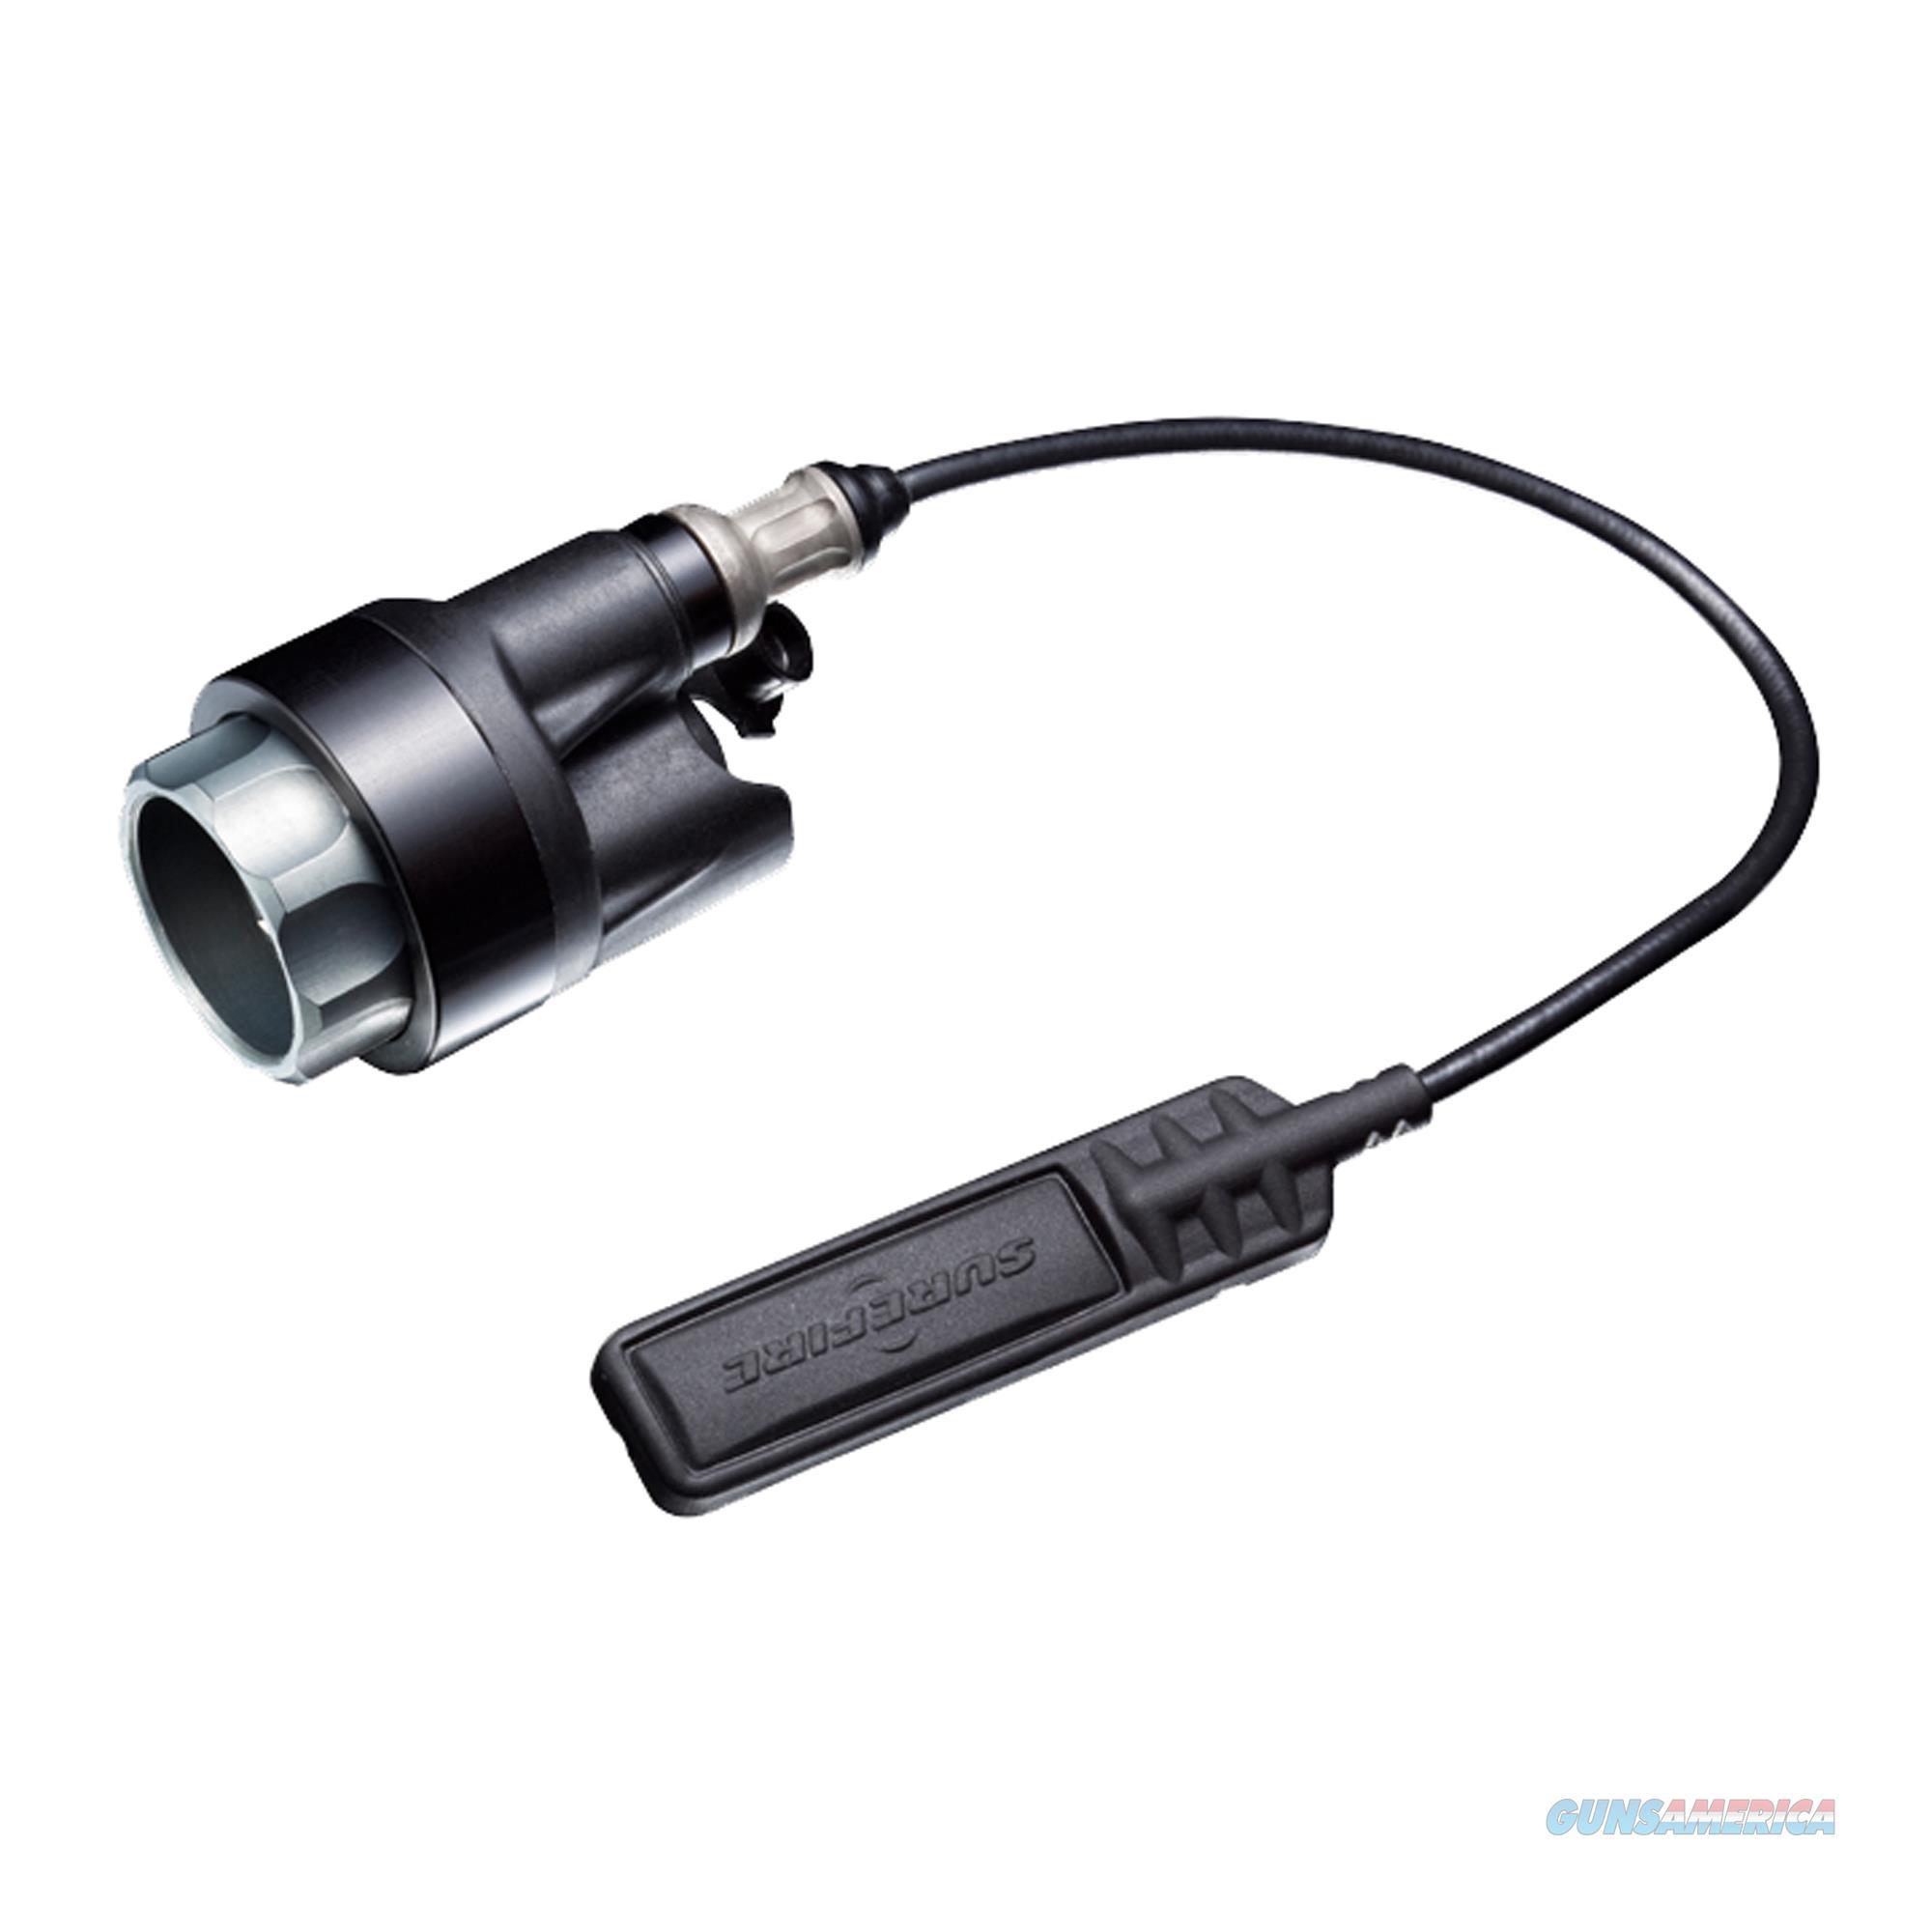 Surefire Weaponlight Switch Module XM03  Non-Guns > Miscellaneous